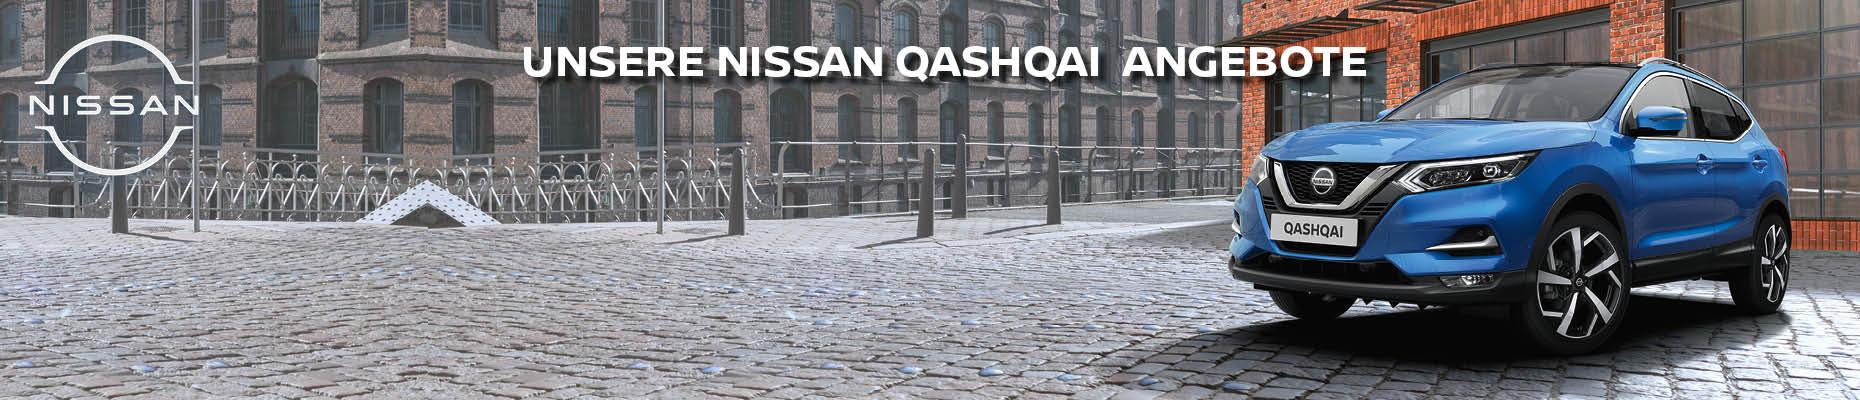 1860x400_Jahreswagen Nissan Qashqai_neu